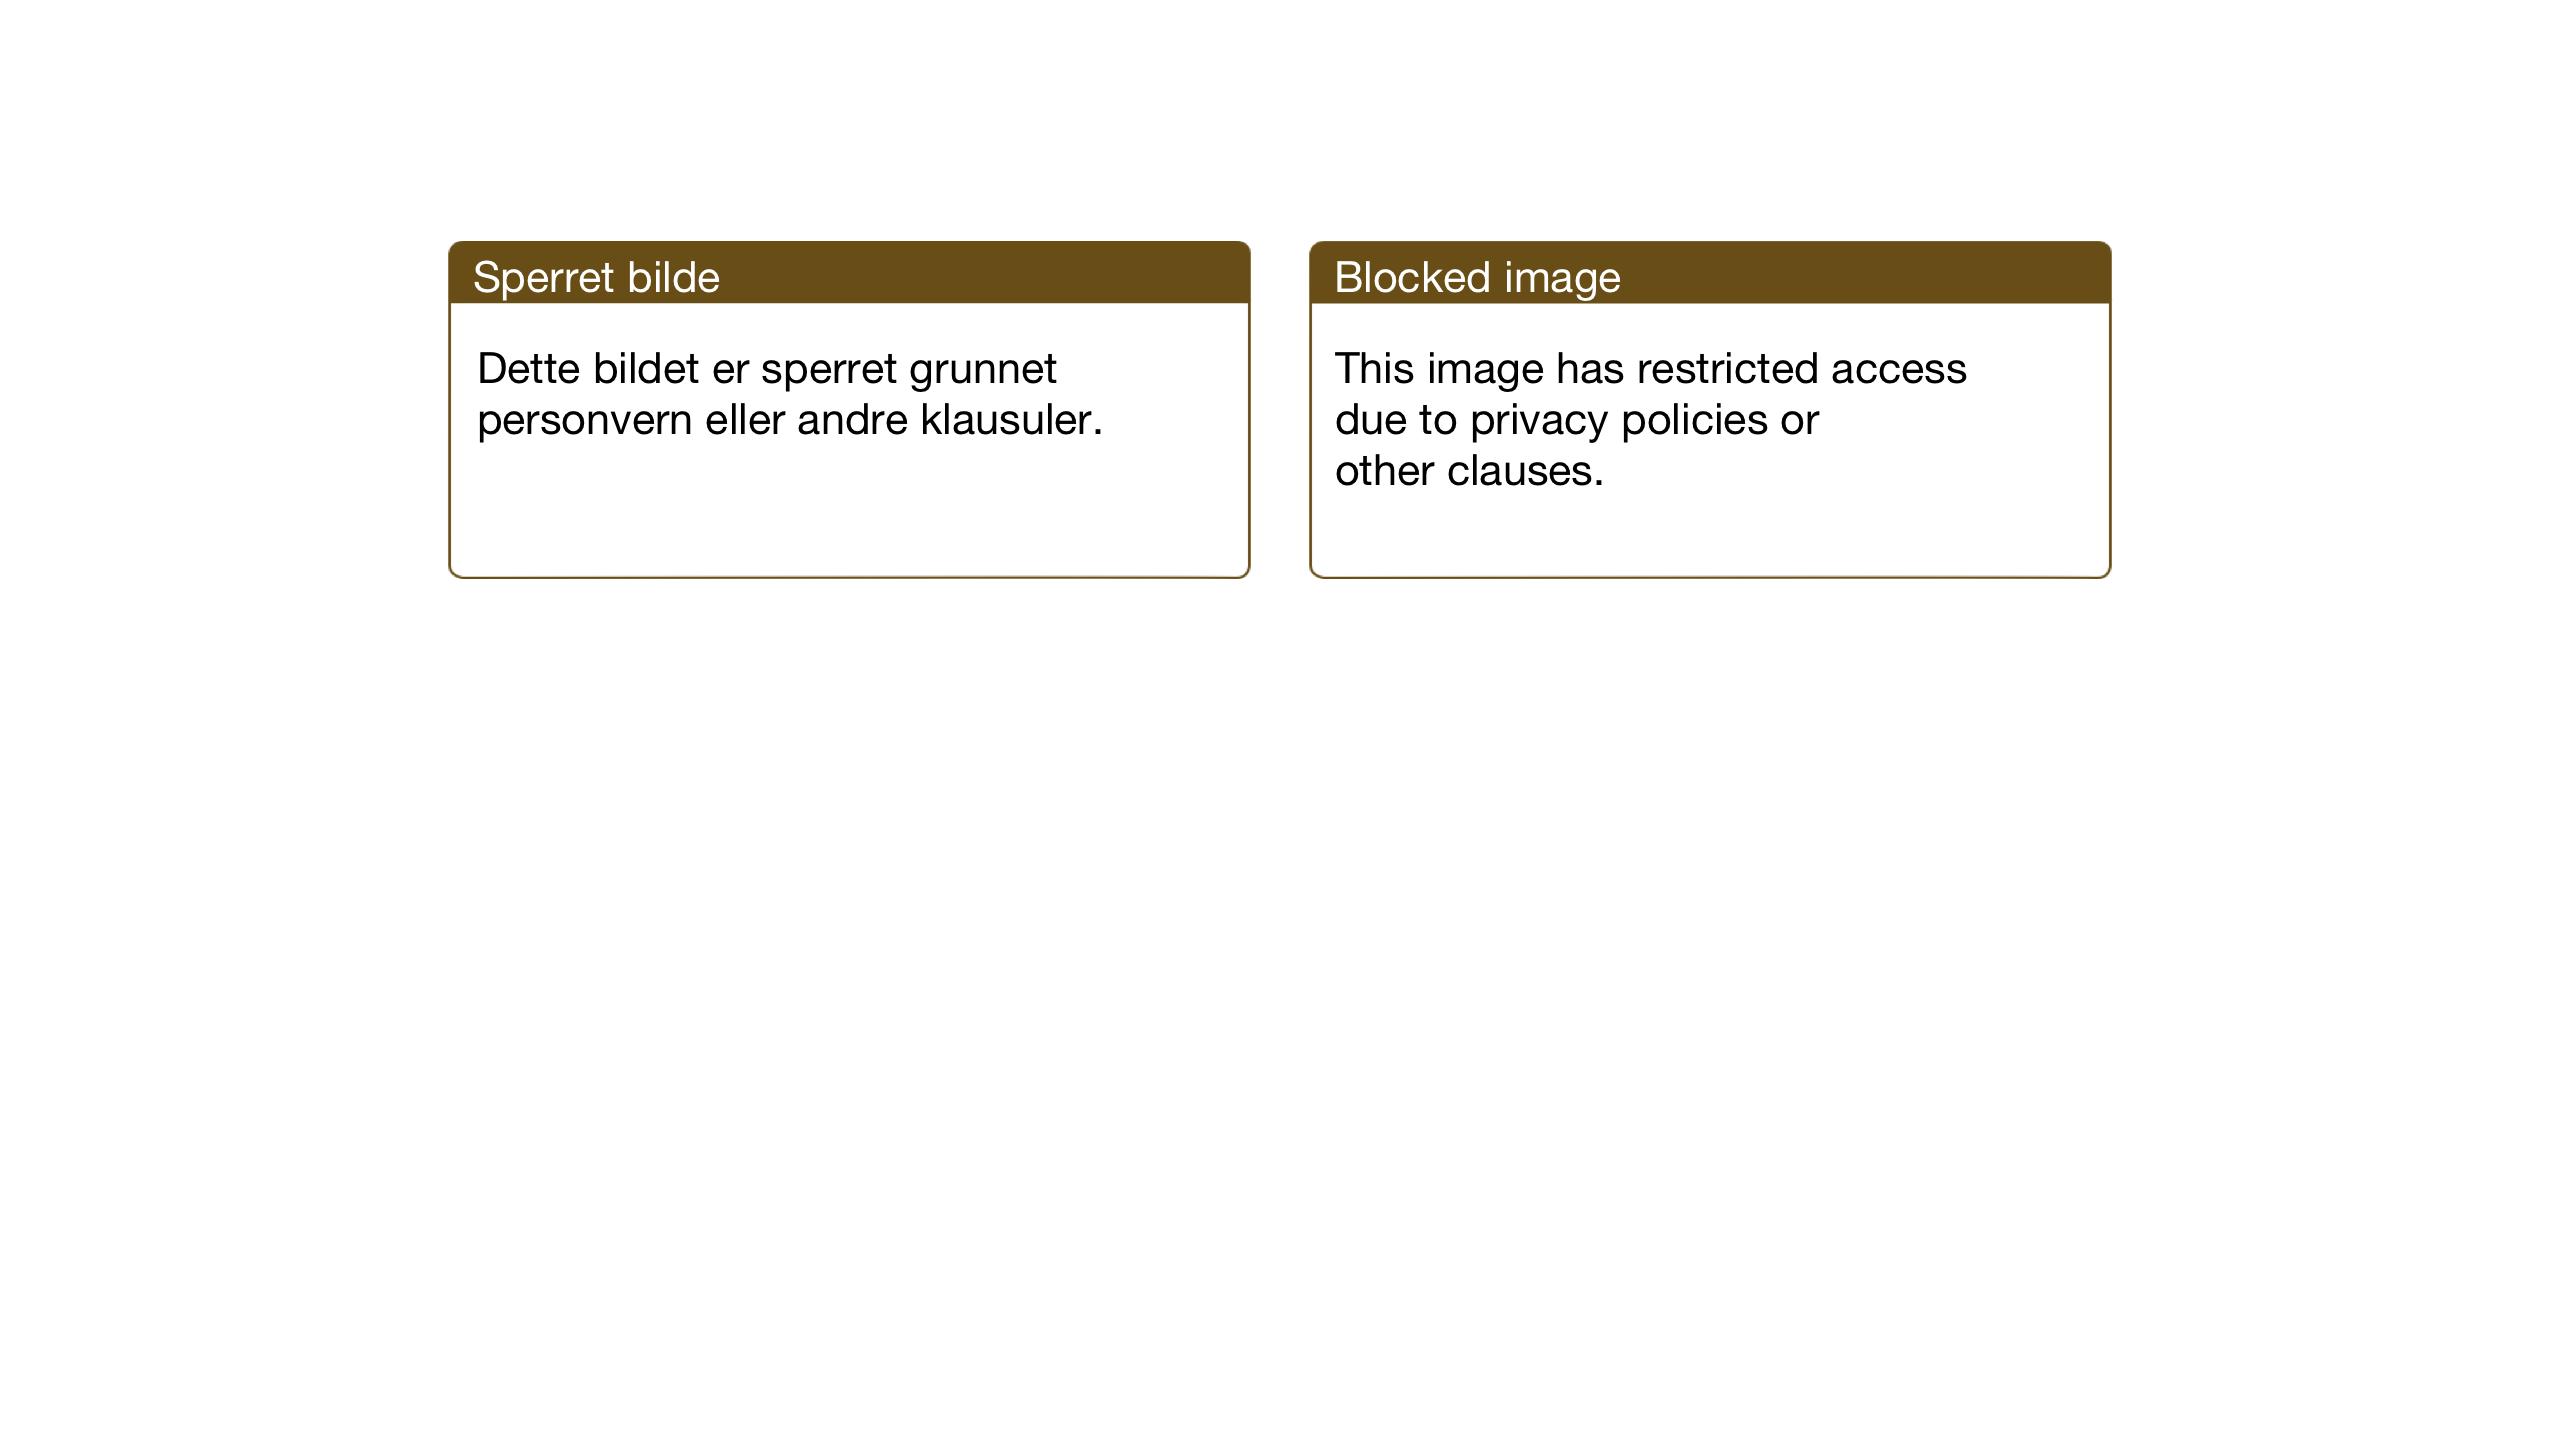 SAT, Ministerialprotokoller, klokkerbøker og fødselsregistre - Sør-Trøndelag, 637/L0564: Klokkerbok nr. 637C05, 1928-1968, s. 223